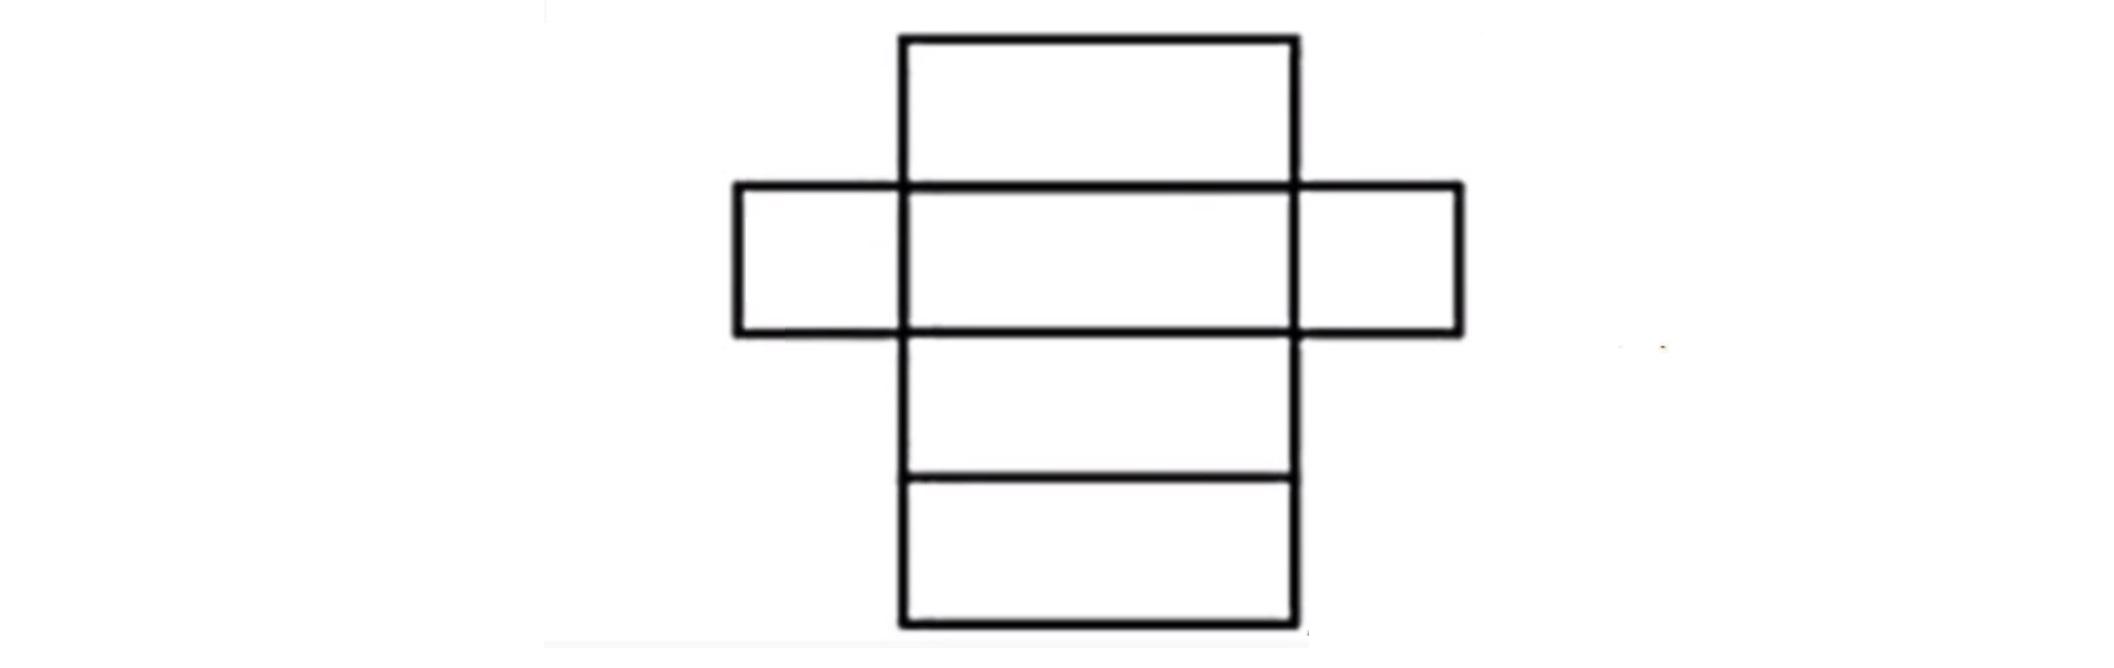 Esboço planificado da caixa com base e tampa quadradas iguais, e quatro faces retangulares iguais